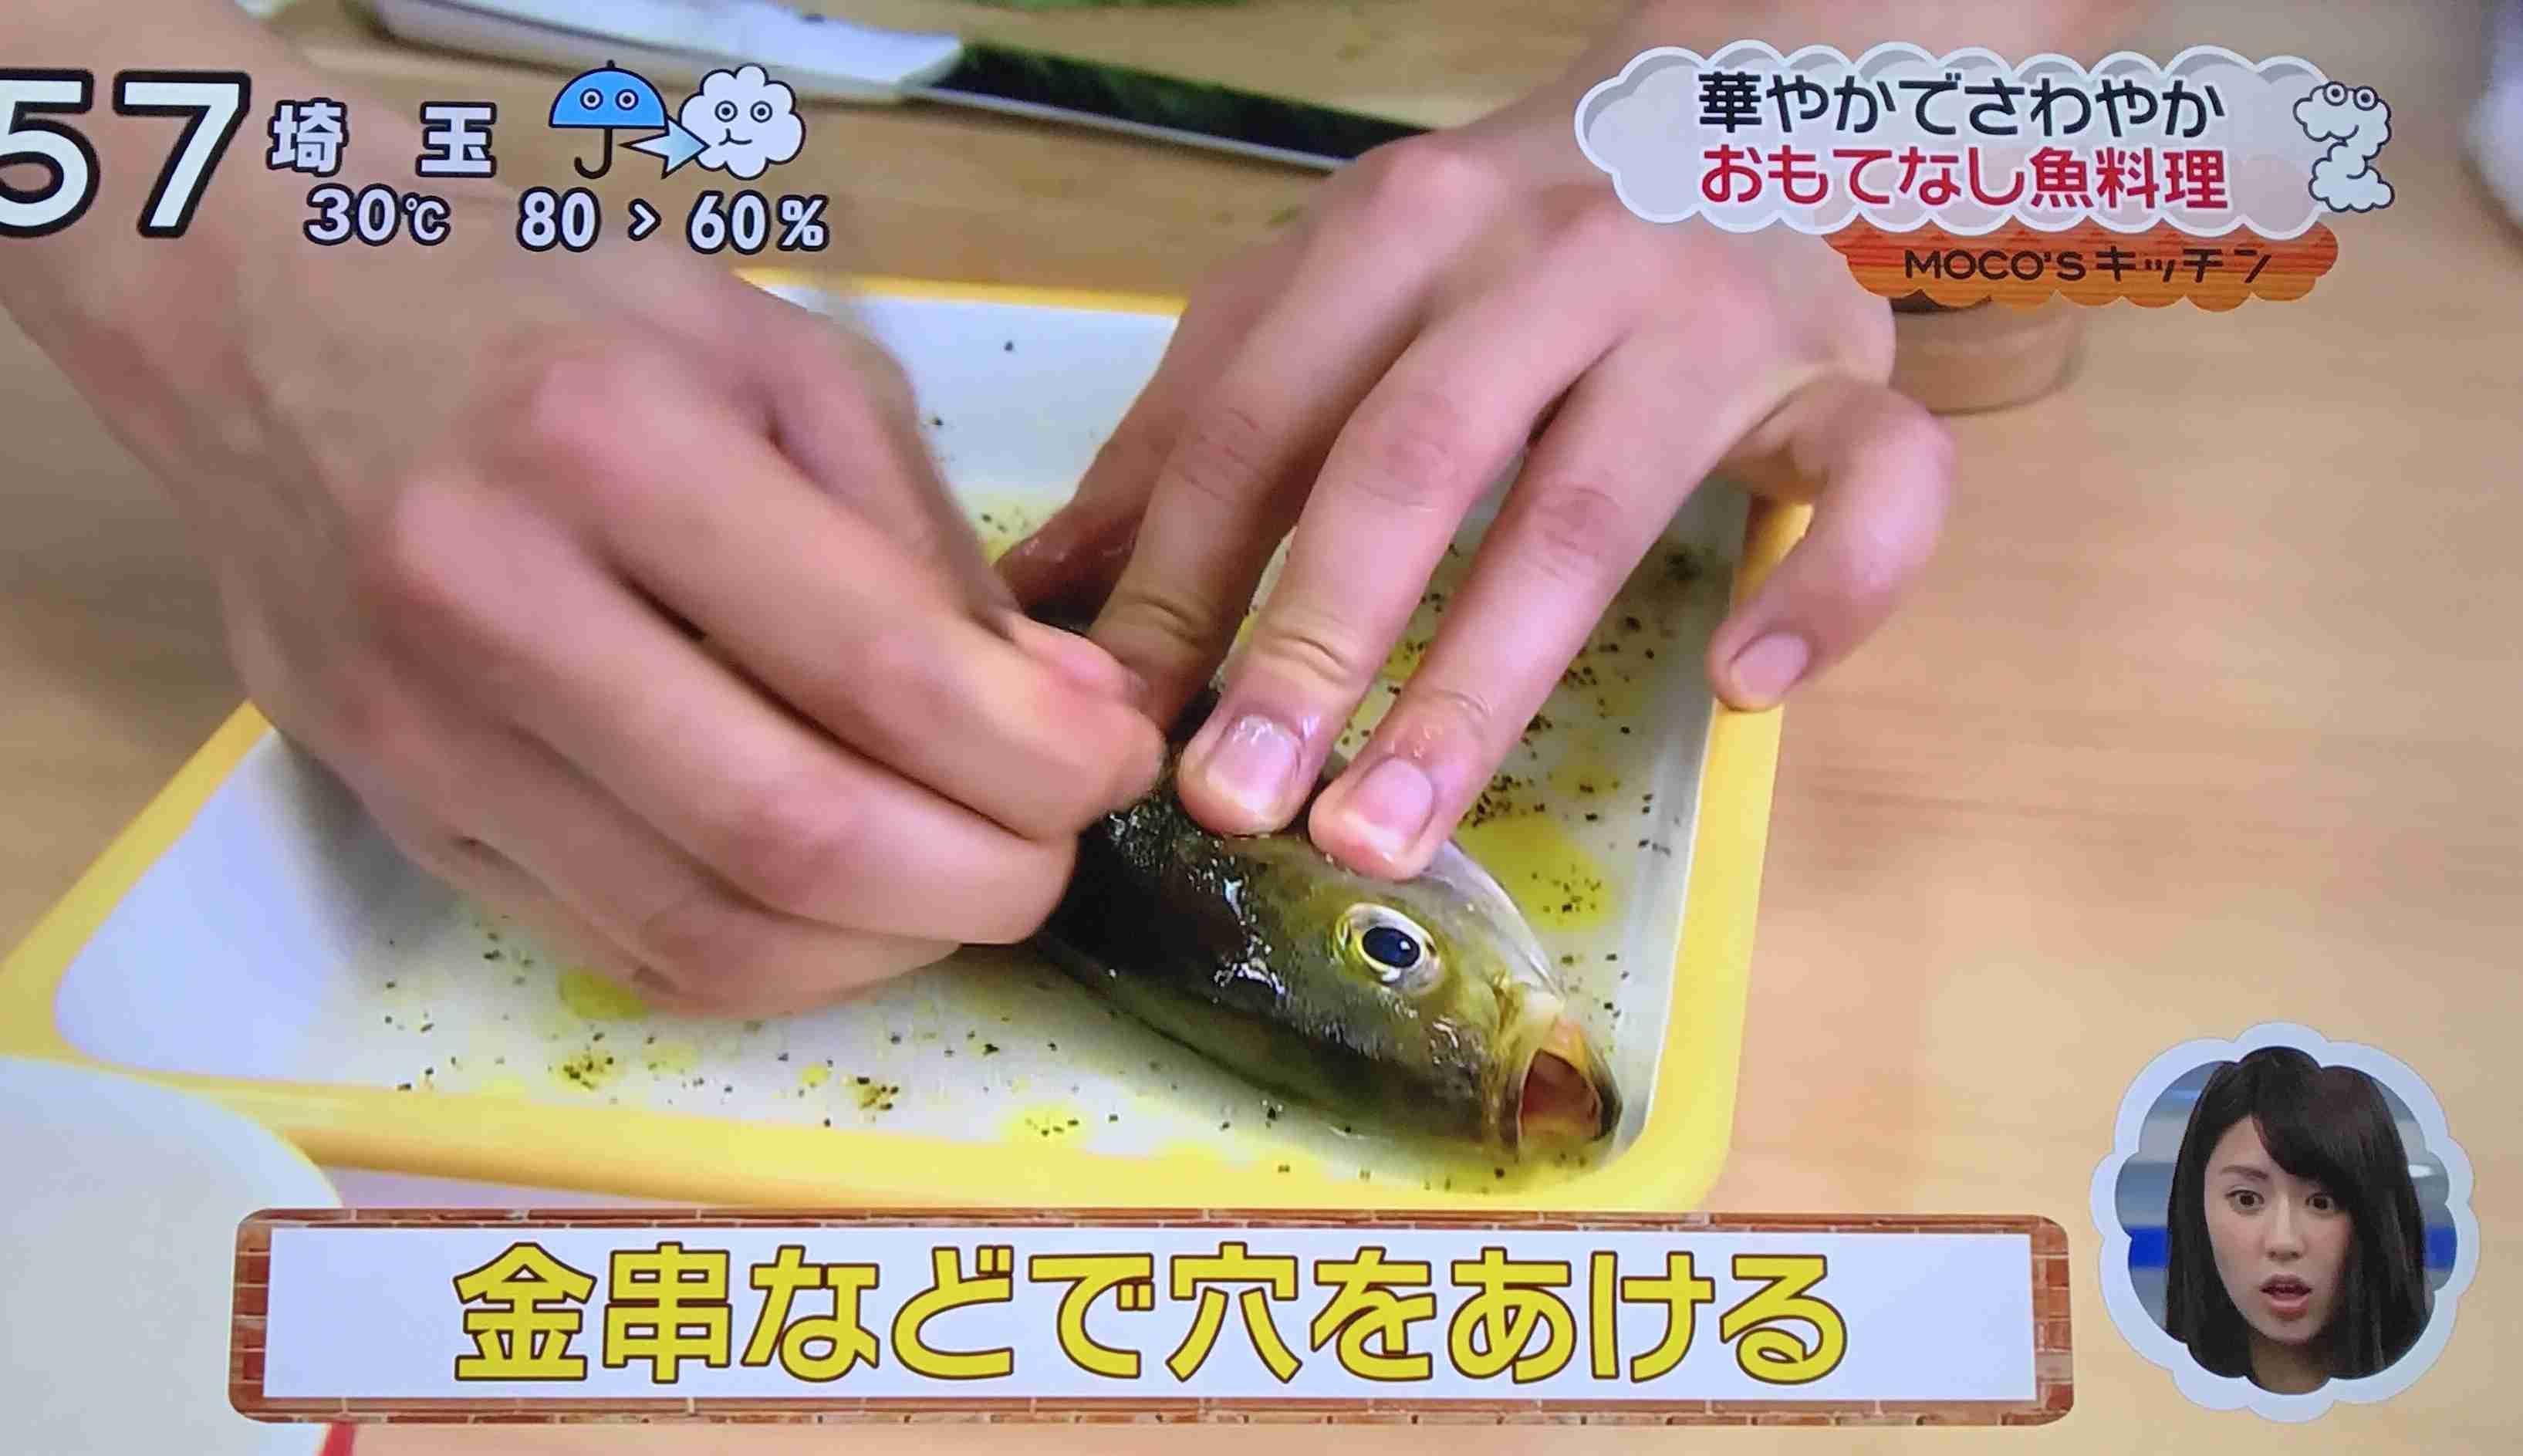 魚に穴をあけハーブ挿し込む「MOCO'Sキッチン」の斬新な盛り付けに反響